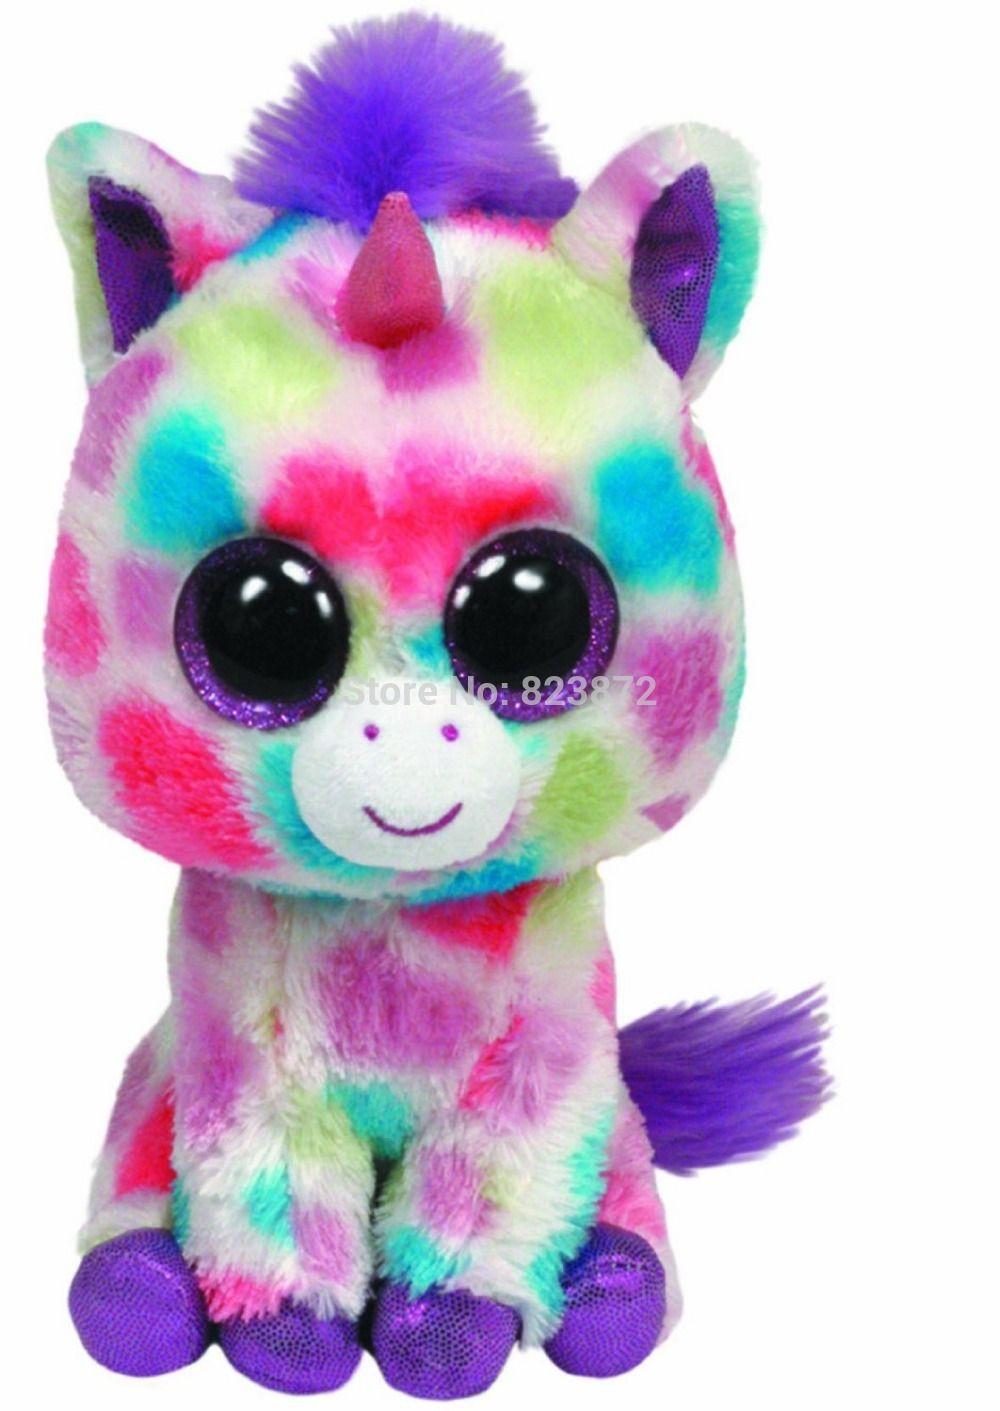 Original TY Big Eyes Beanie Boos Wishful Plush Unicorn